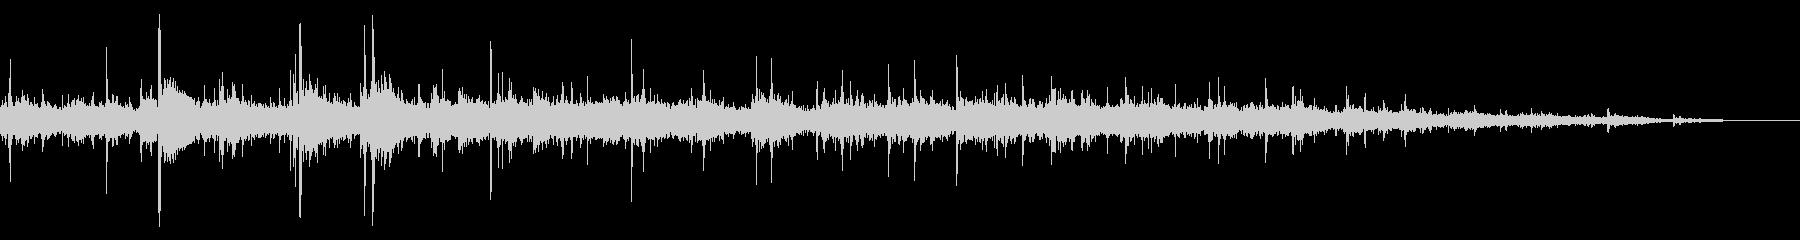 拍手の効果音(小規模/劇場/舞台)11の未再生の波形